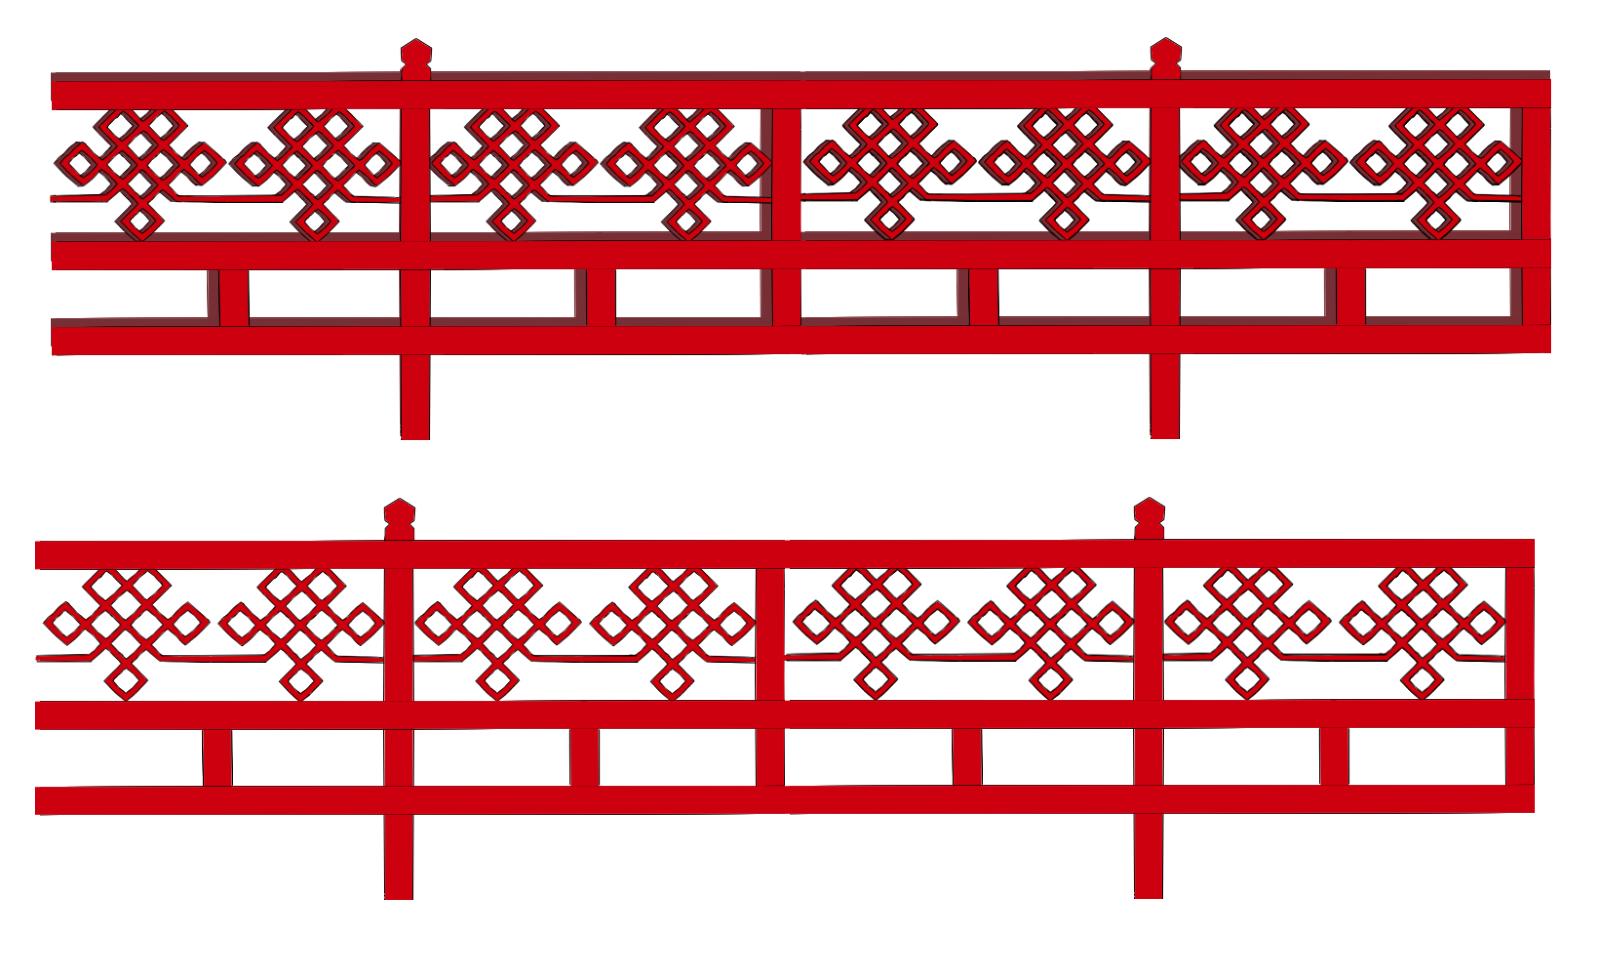 红火热闹的中华风素材~ - 优动漫 动漫创作支援平台